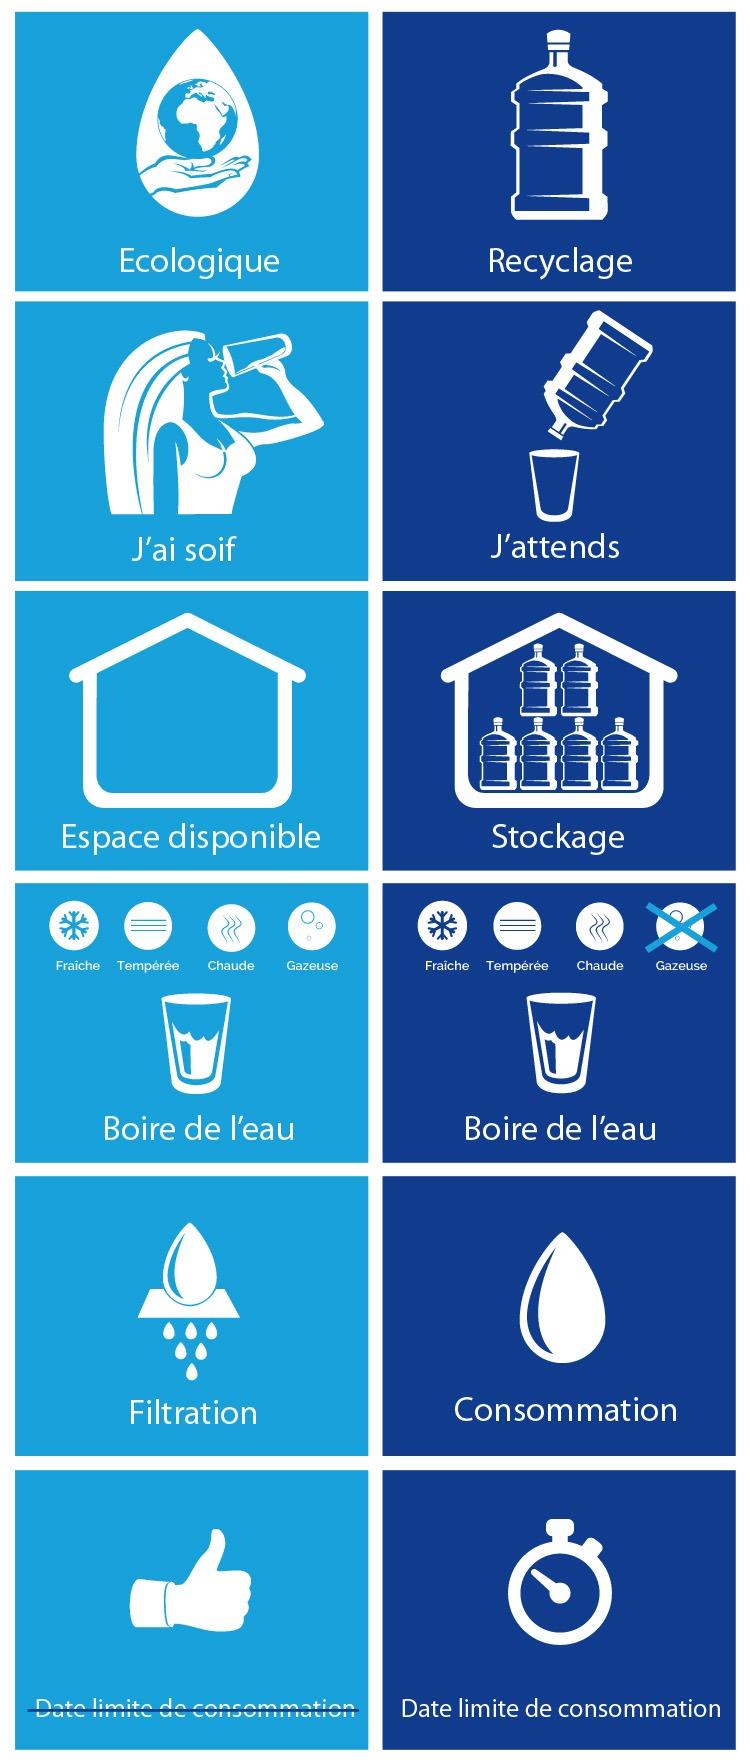 Consommation Fontaine À Eau fontaine à eau bonbonne ou réseau : que choisir ? - eaufraiche